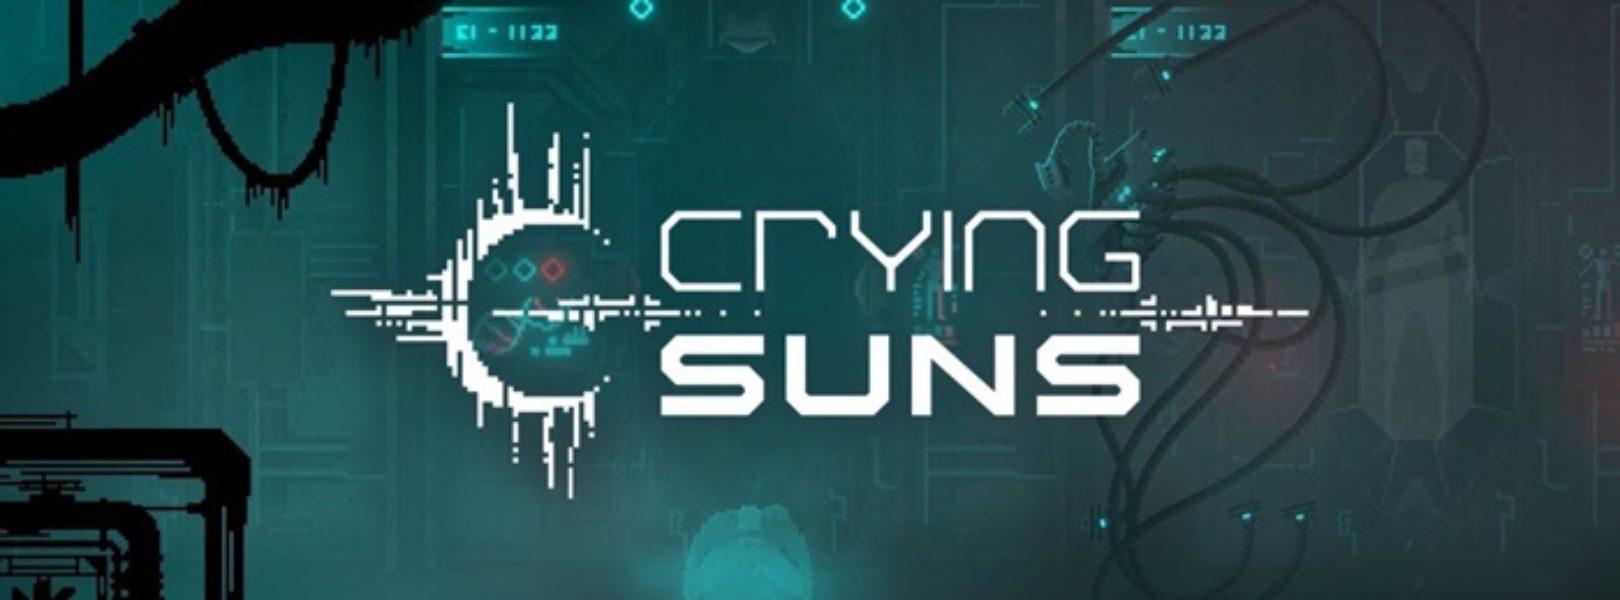 crying-suns-kisa-sureligine-ucretsiz